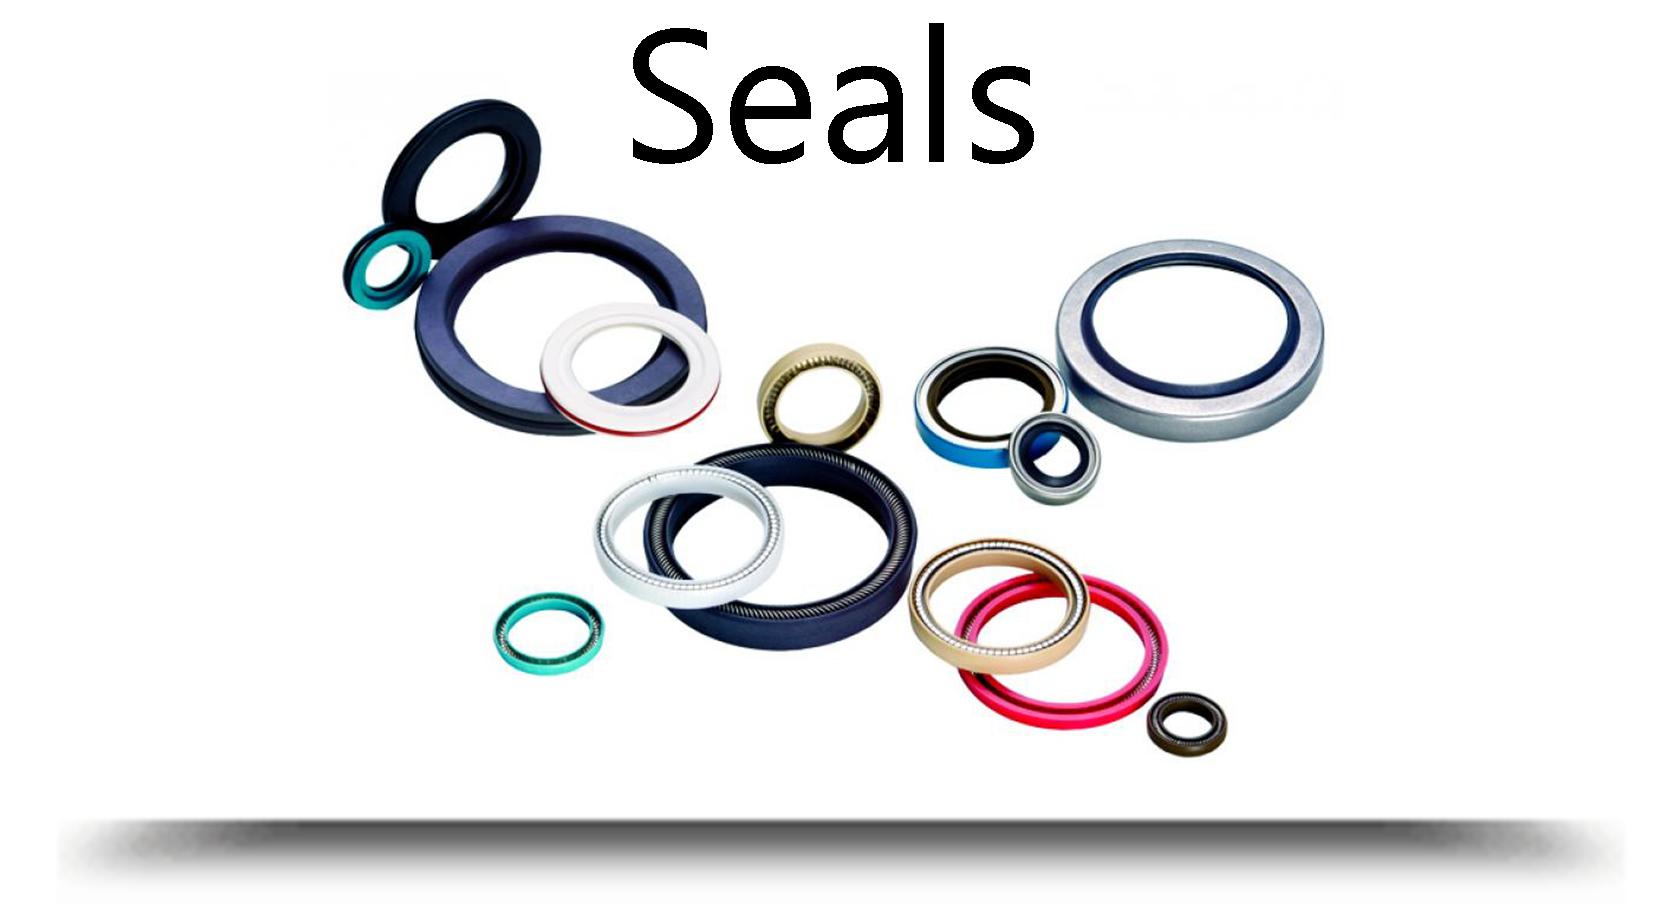 O Rings and Seals